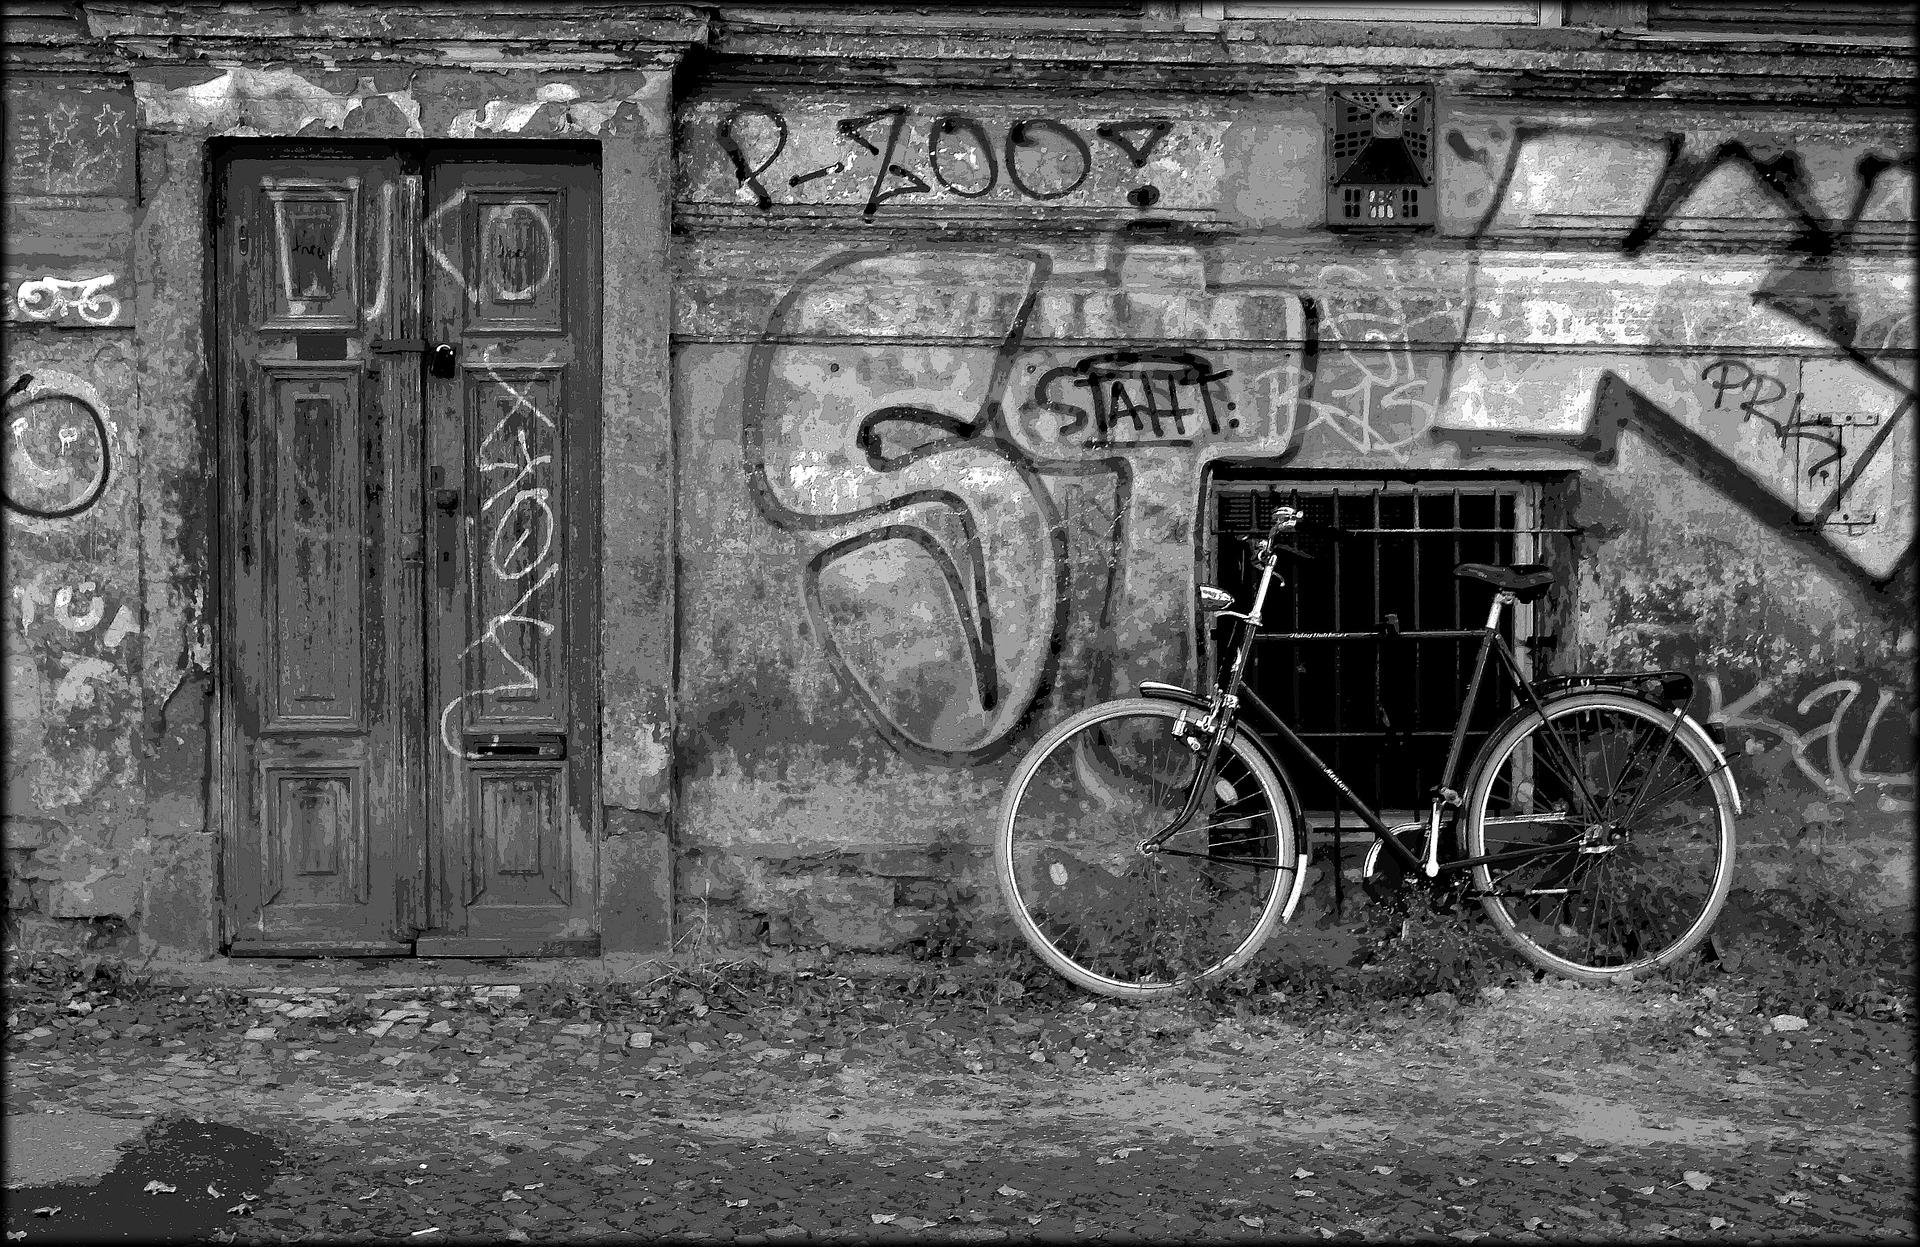 3. Berlin, Germany -